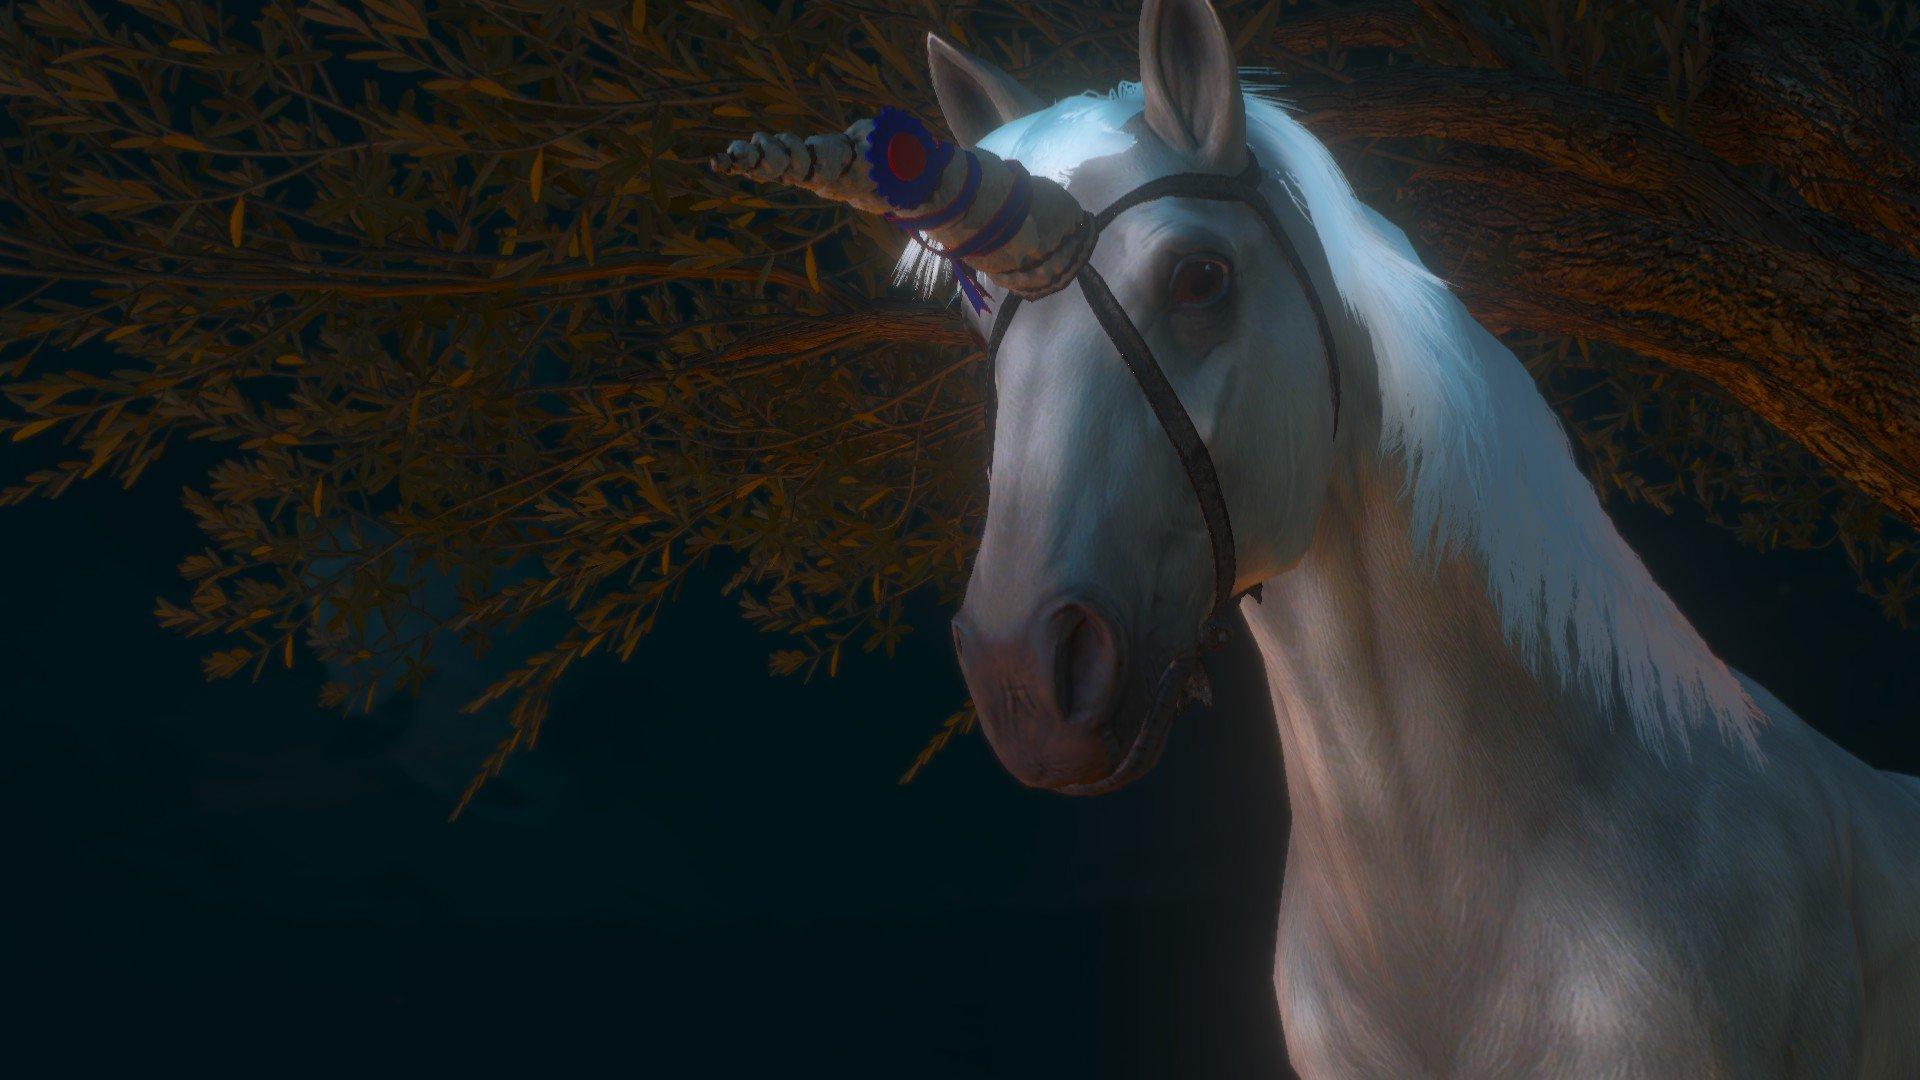 Вопль-прохождение Witcher 3: Кровь и Вино ... НАЧАЛО [ВНИМАНИЕ, ВОЗМОЖНЫ СПОЙЛЕРЫ] - Изображение 18